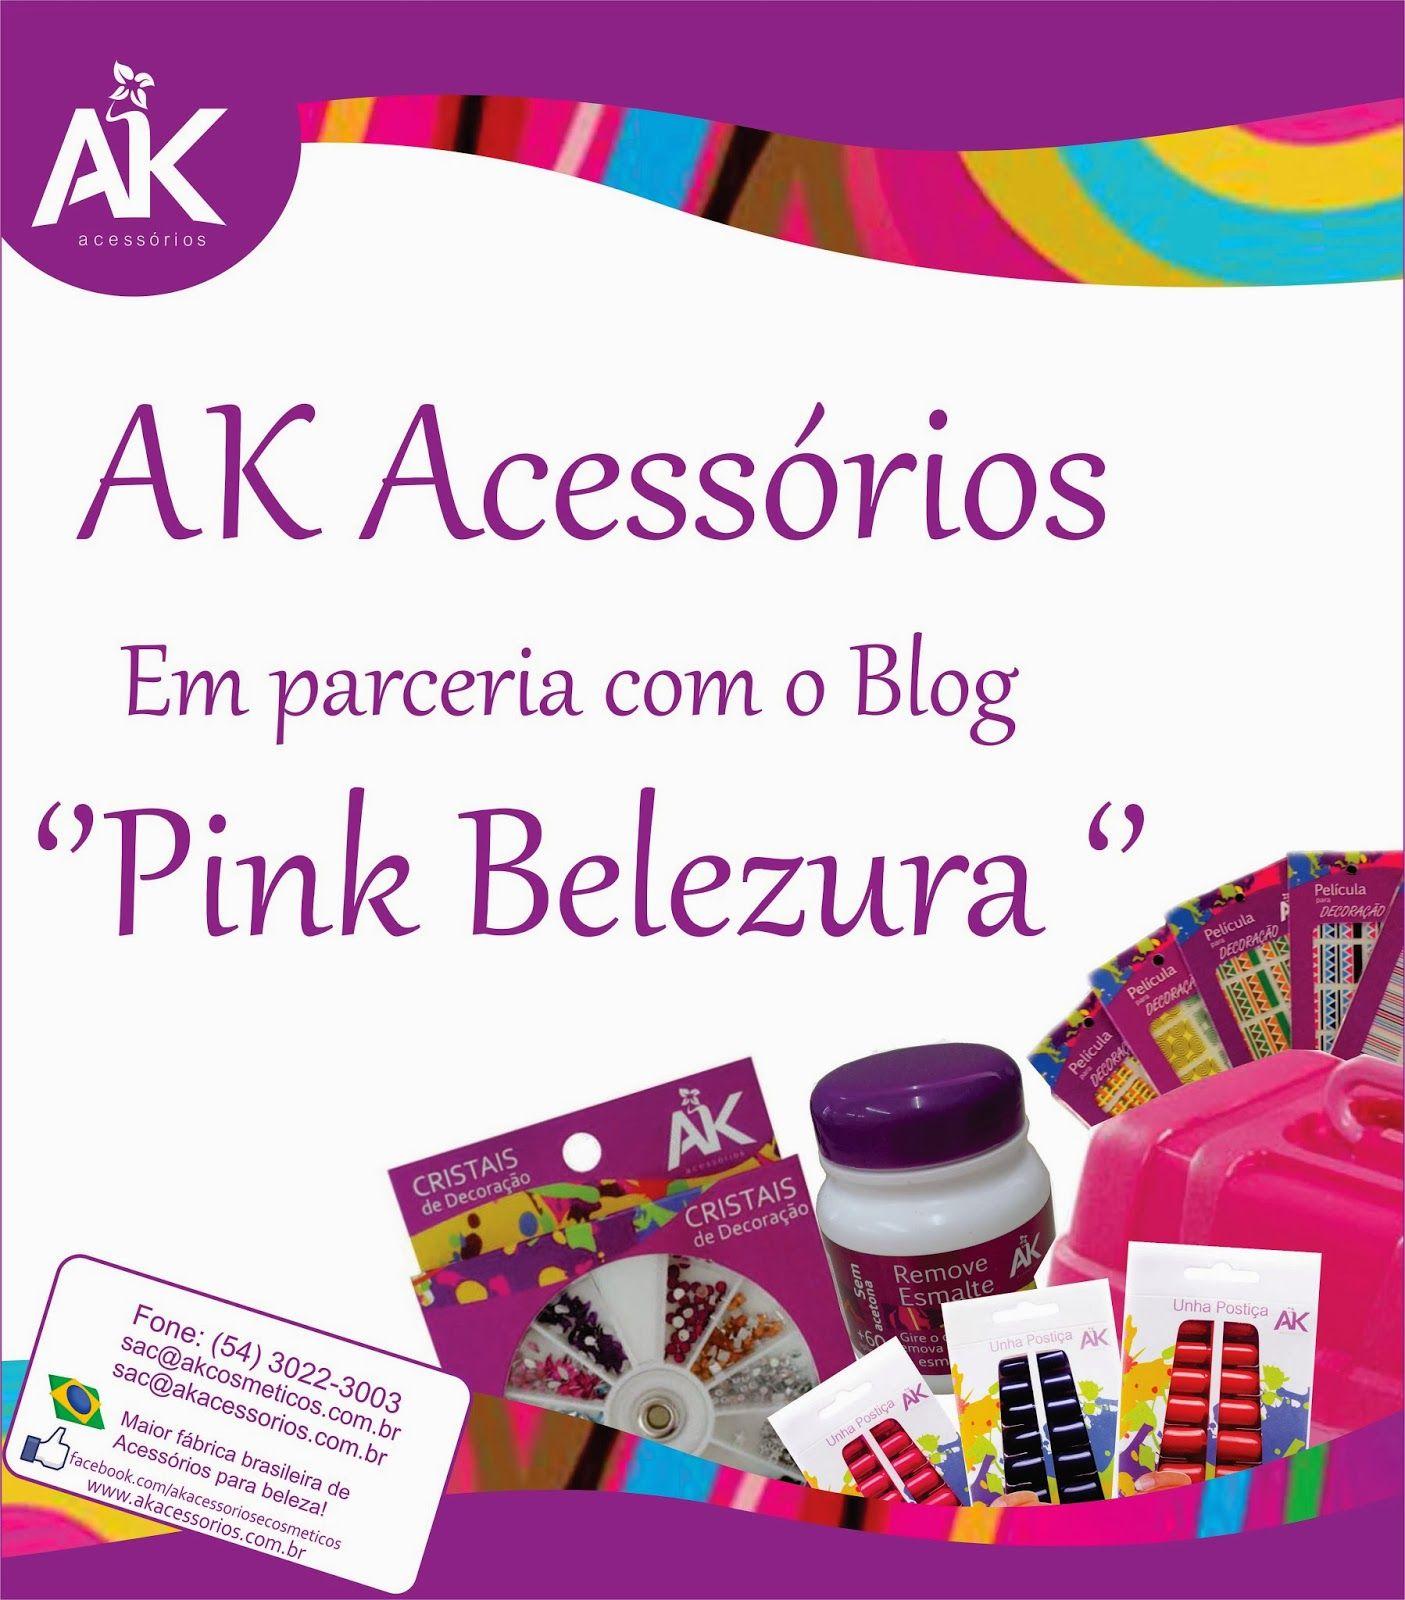 Pinkbelezura: AK Acessórios e Cosméticos